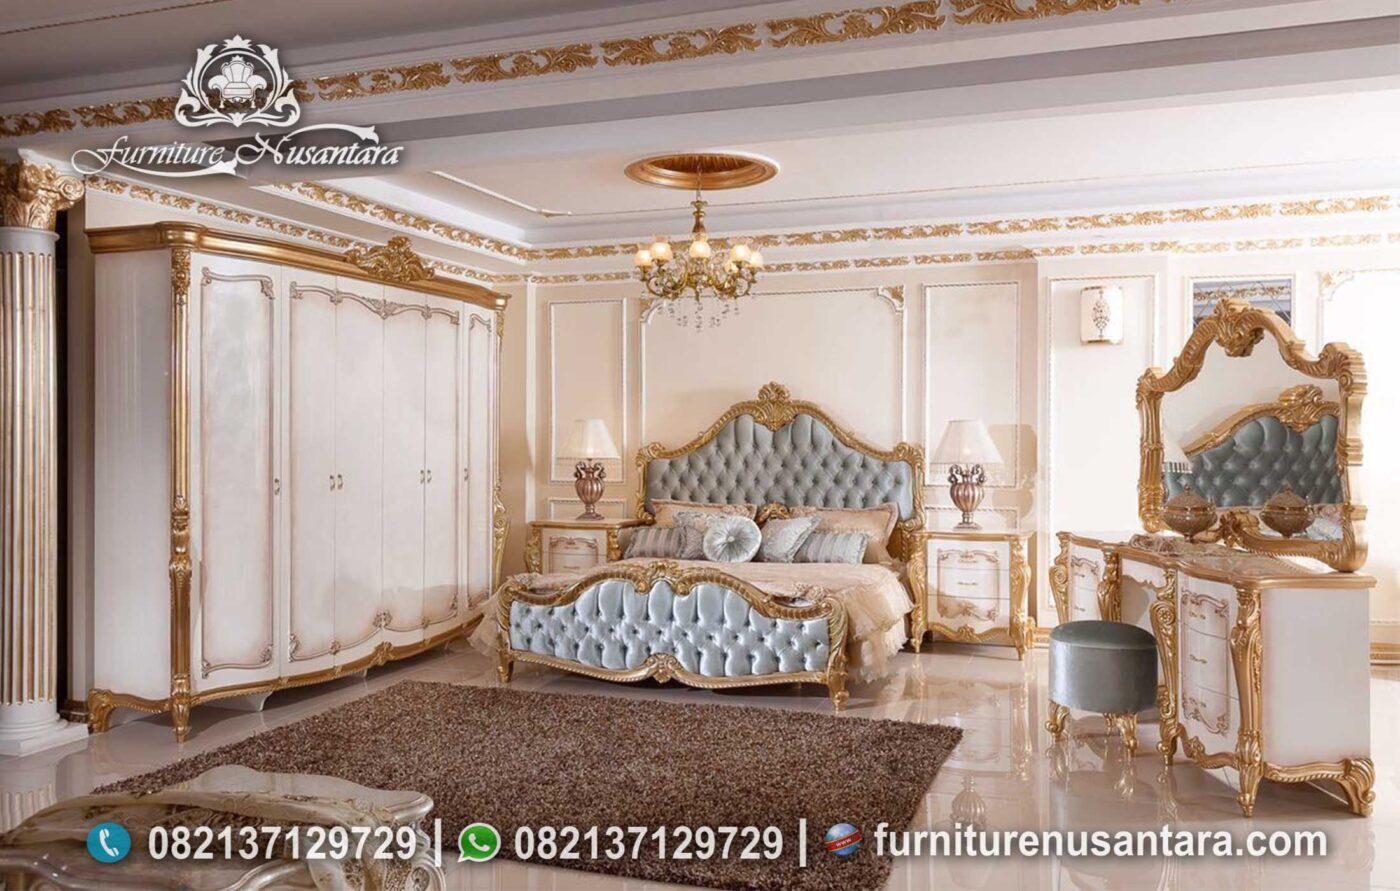 Desain Set Tempat Tidur Ukir Princes Mewah KS-171, Furniture Nusantara